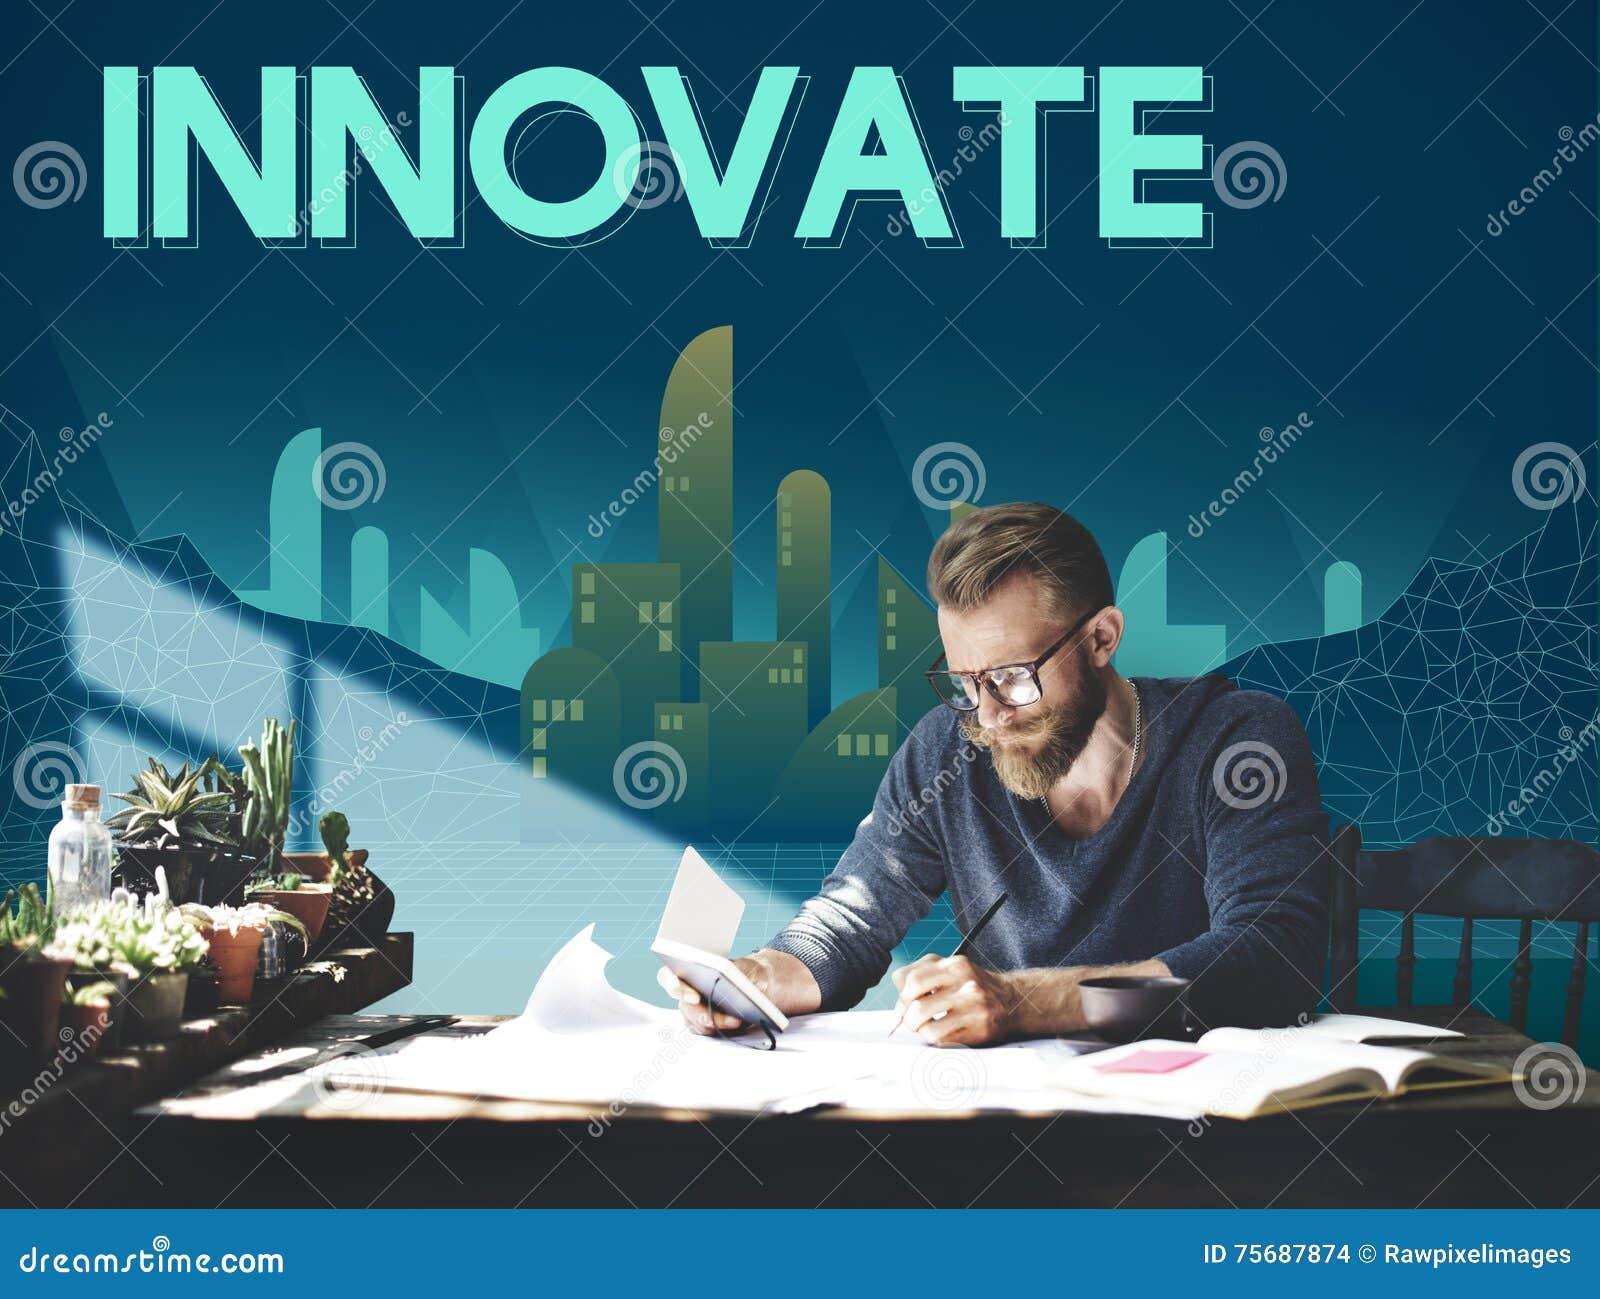 Införa nyheter det innovativa begreppet för arkitekturskyskrapastrukturen